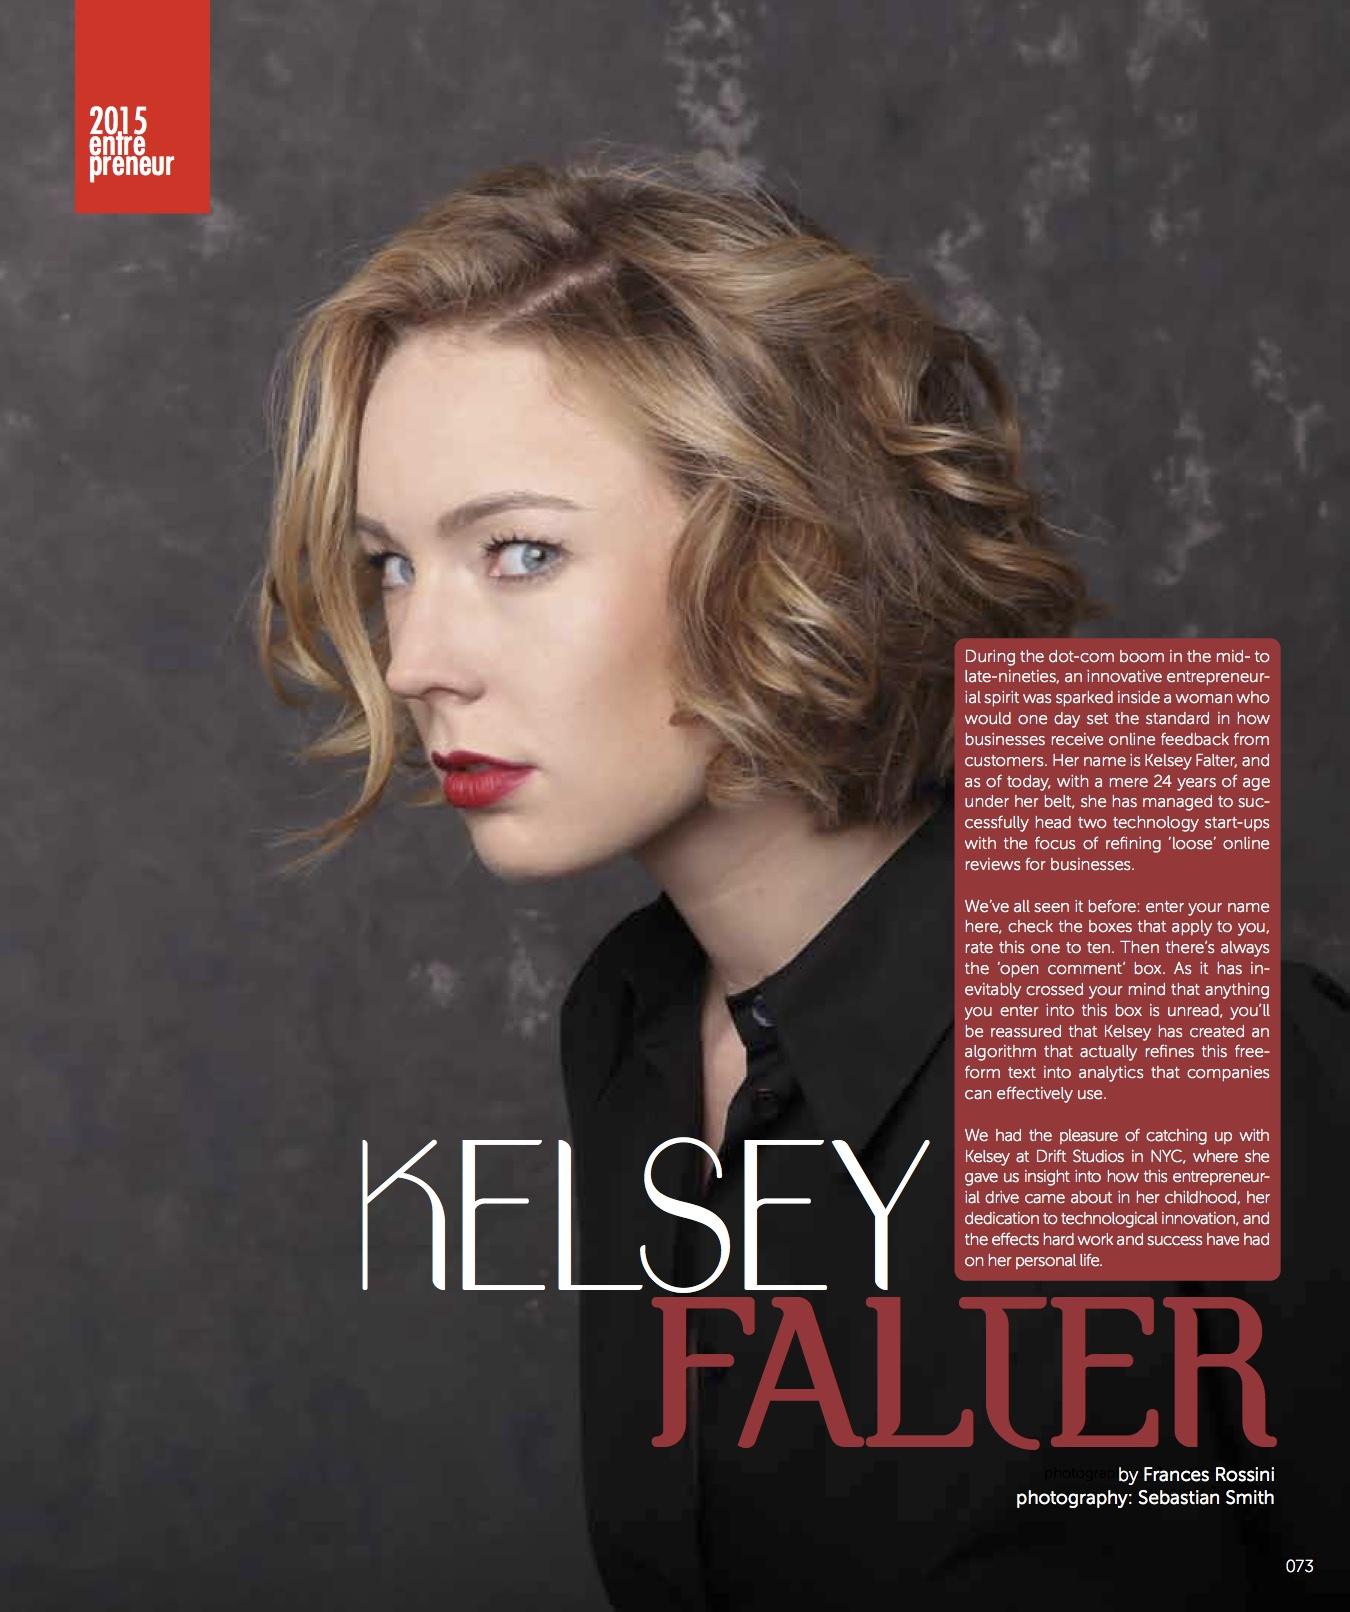 kelsey12015